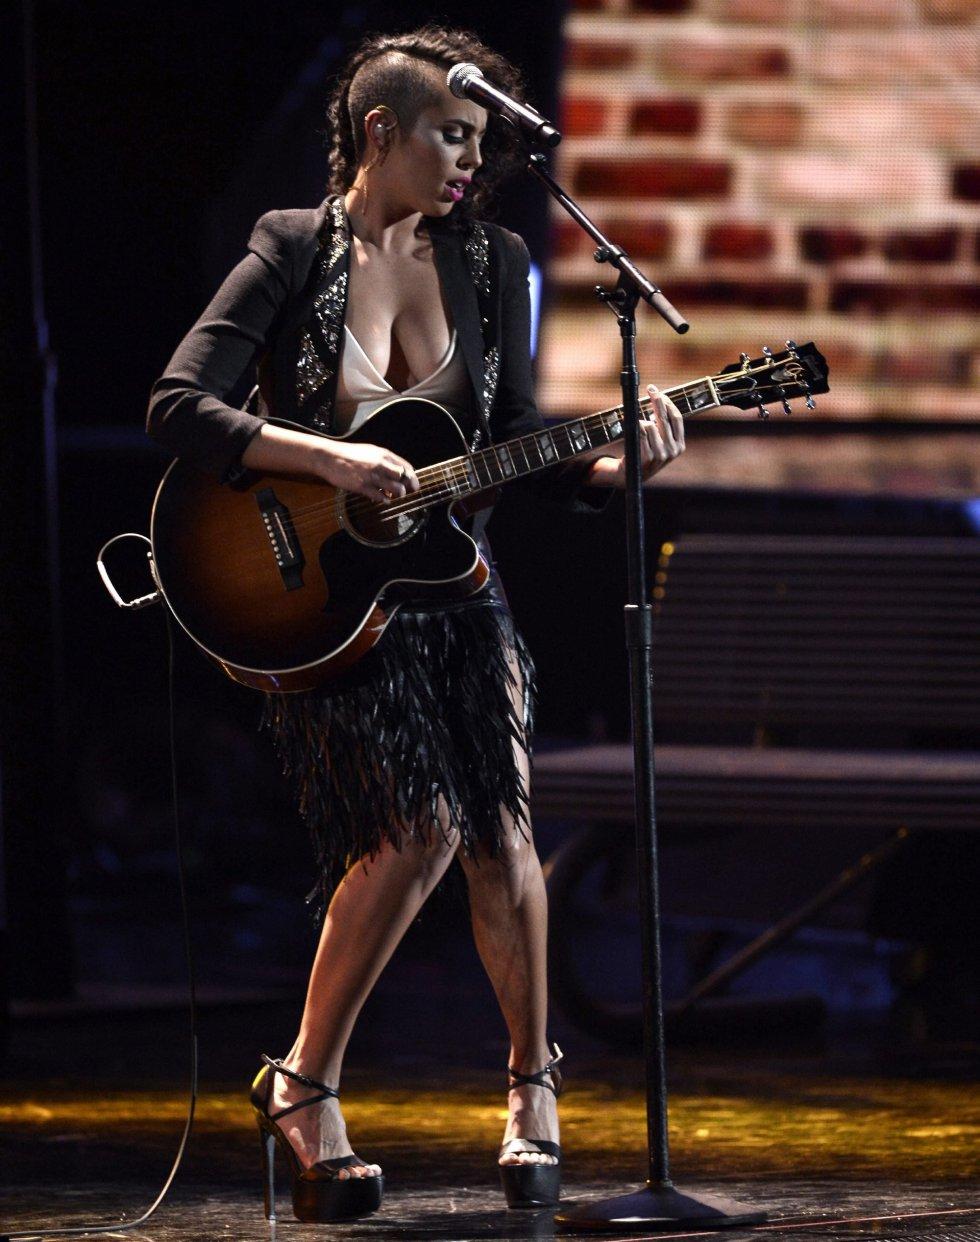 La cantante puertorriqueña Raquel Sofia.